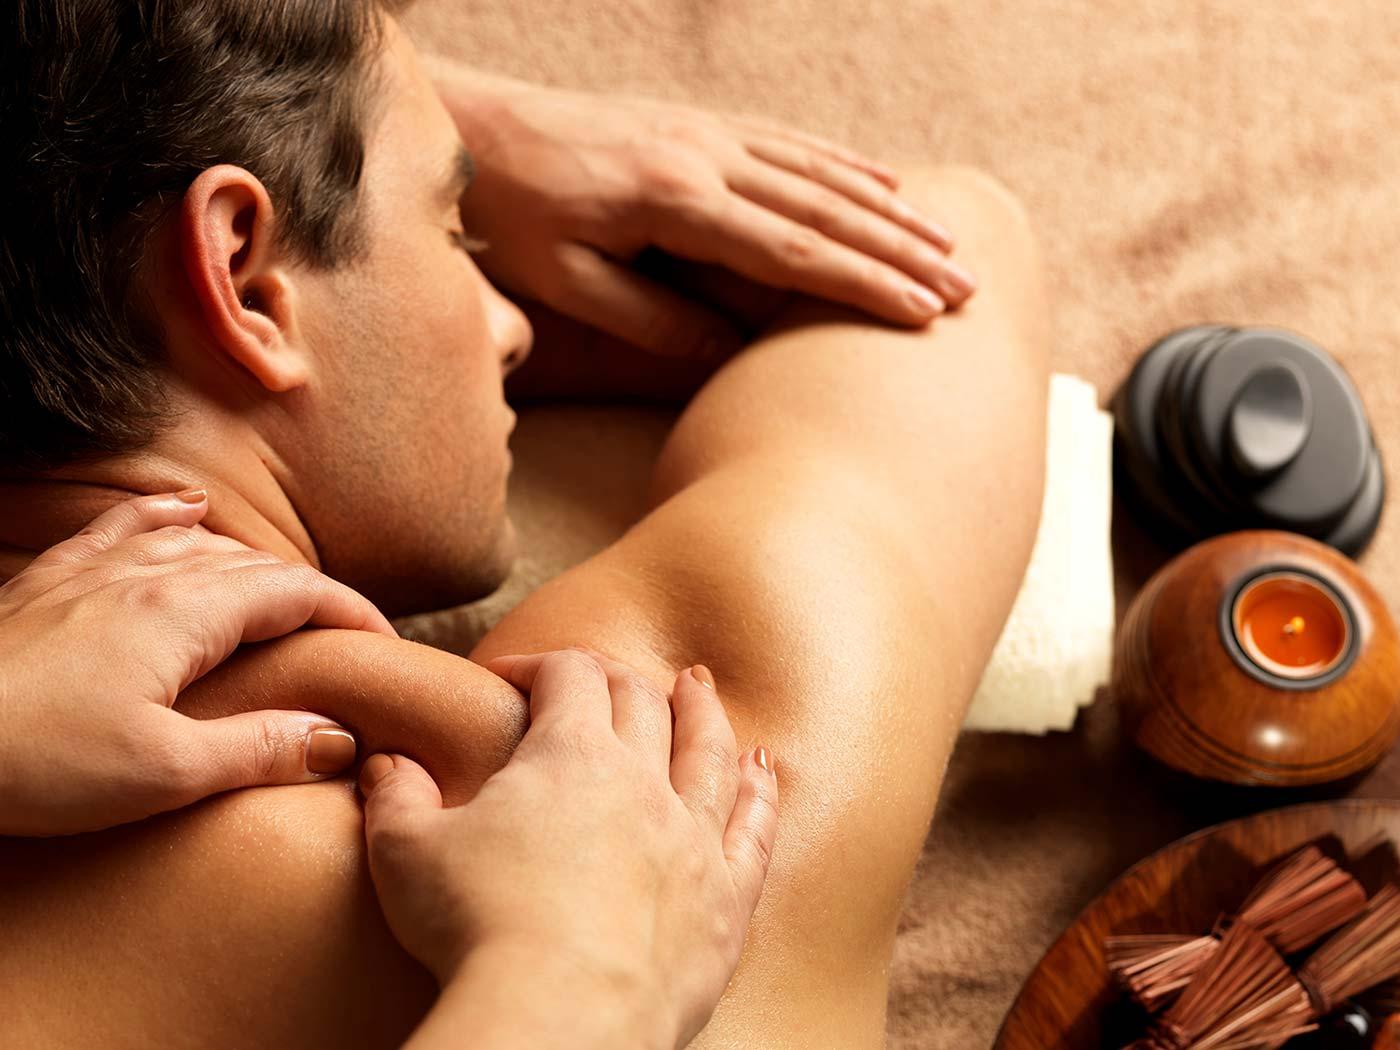 Смотреть секс на приеме у массажиста, Порно массаж с русскими девушками на 25 фотография